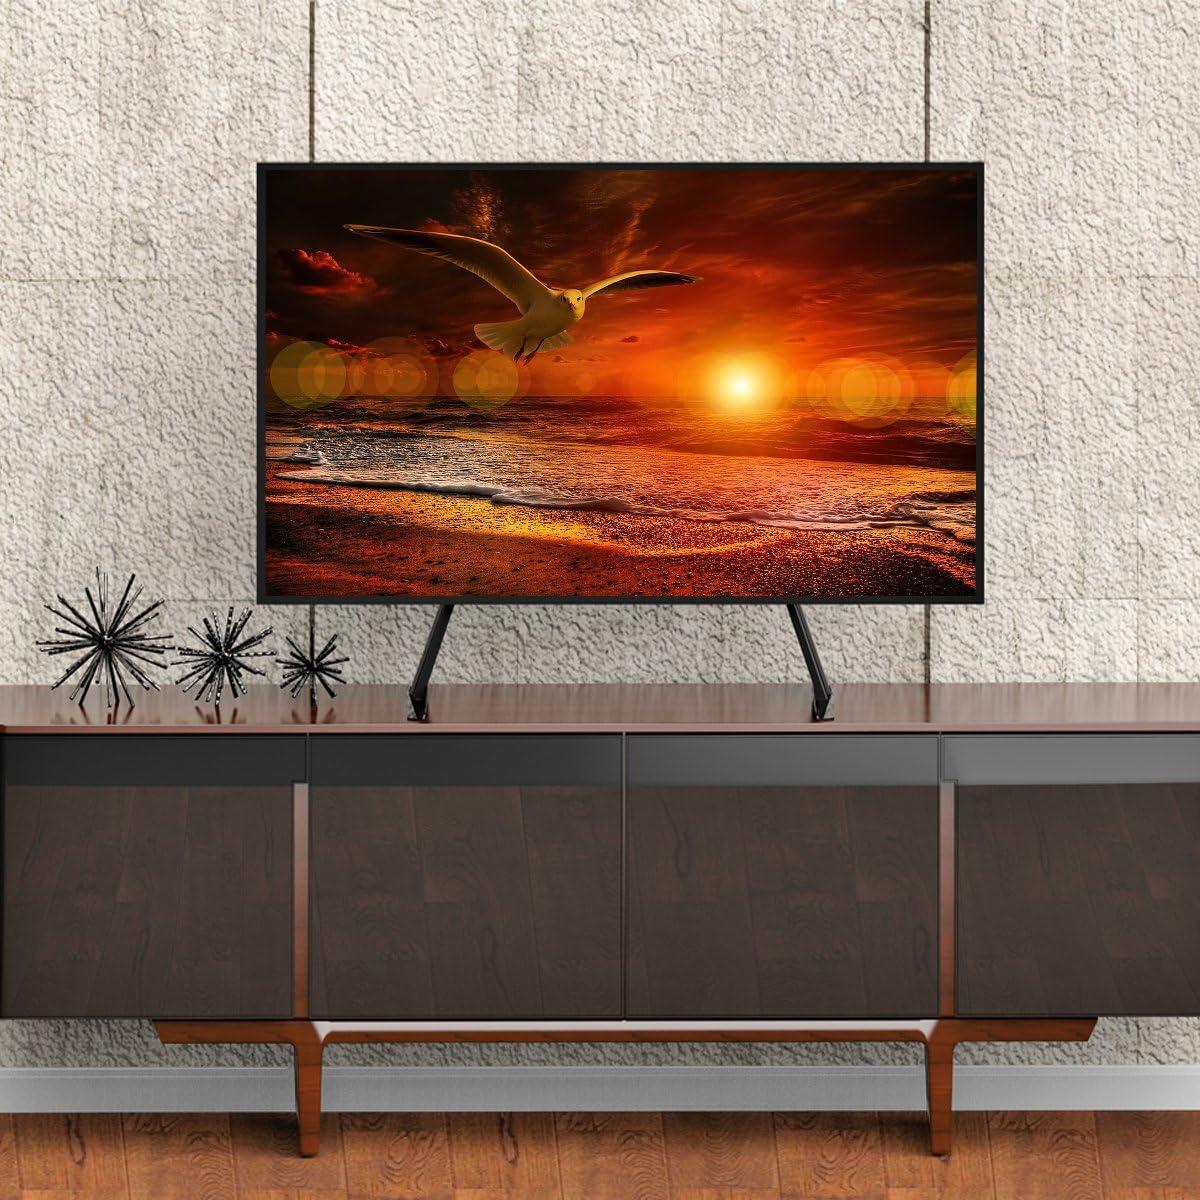 Soporte Universal TV Desde 27 Pulgadas a 55 Pulgadas con Gestión de Cables y Ajuste de Altura HT01B-001: Amazon.es: Electrónica